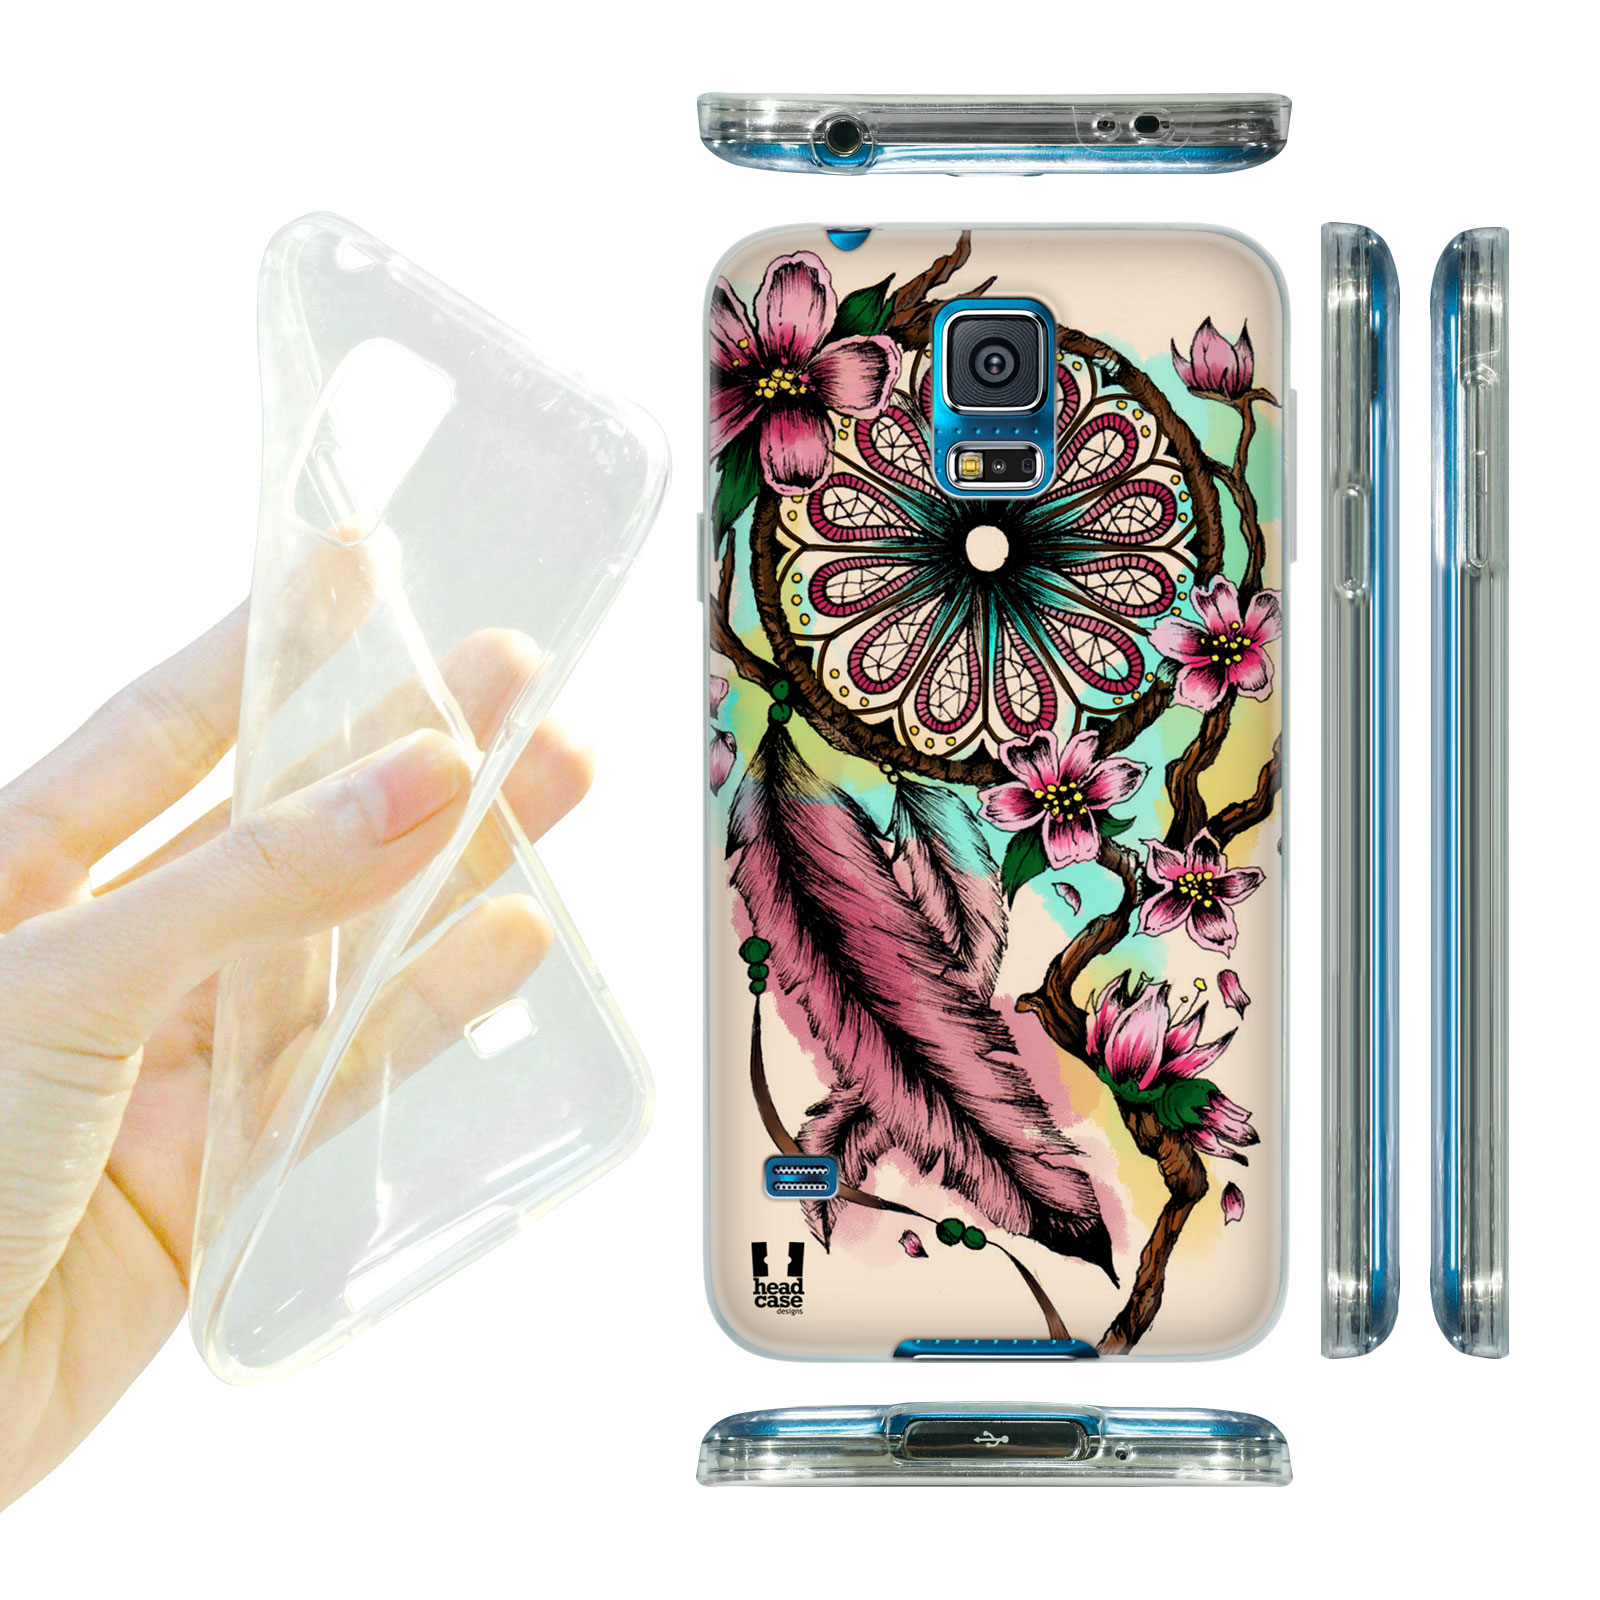 HEAD CASE silikonový obal na mobil Samsung galaxy S5 lapač snů květina třešeň